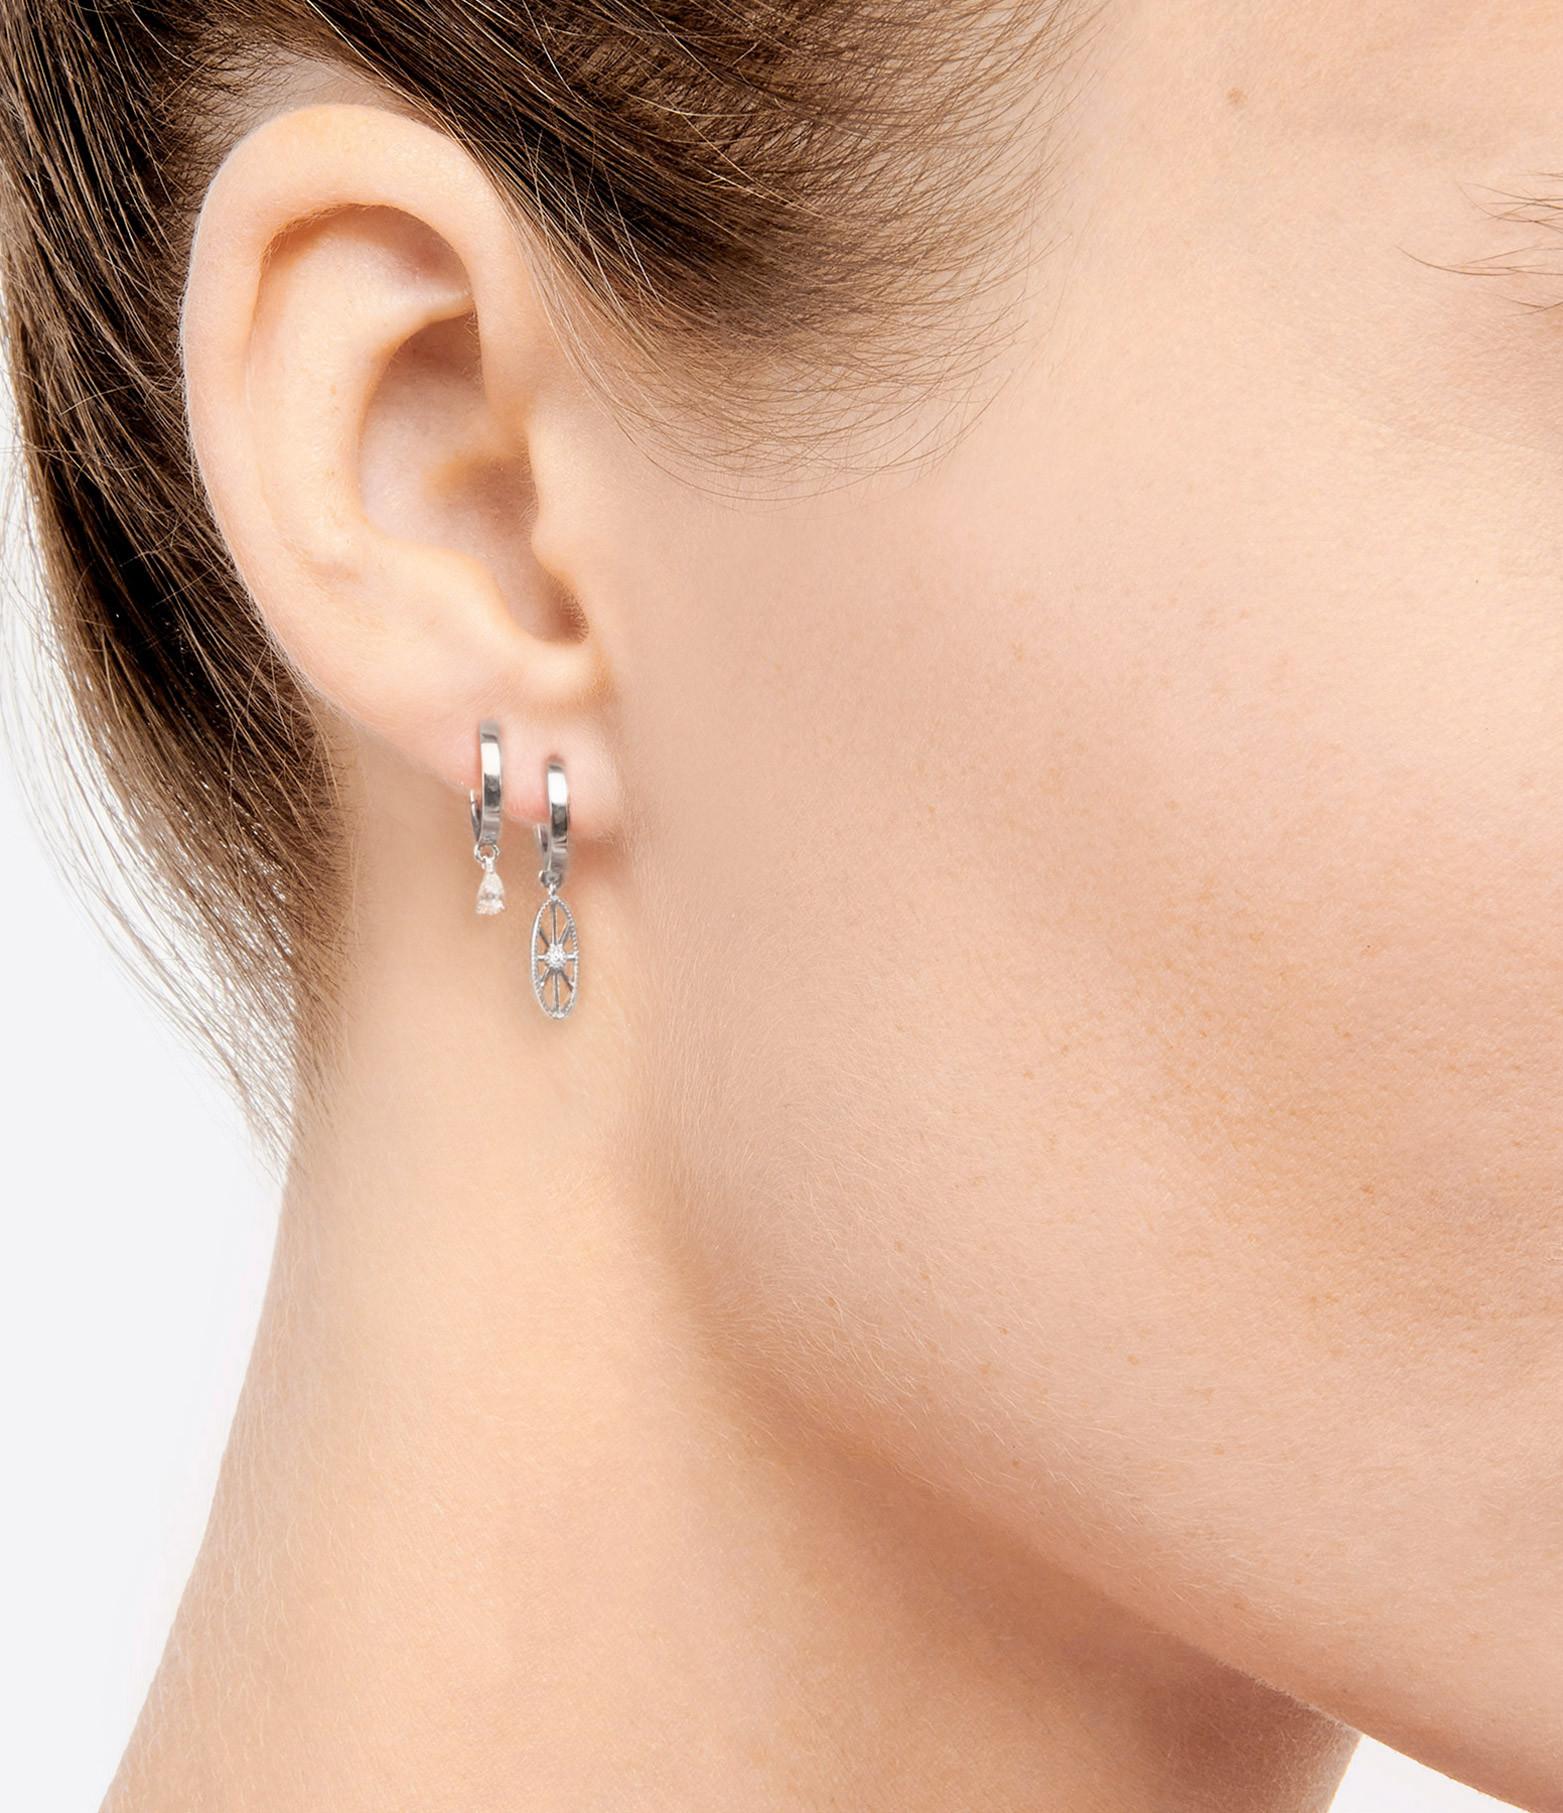 NAVA JOAILLERIE - Boucle d'oreille Cheyenne Ovale Or Blanc (vendue à l'unité)